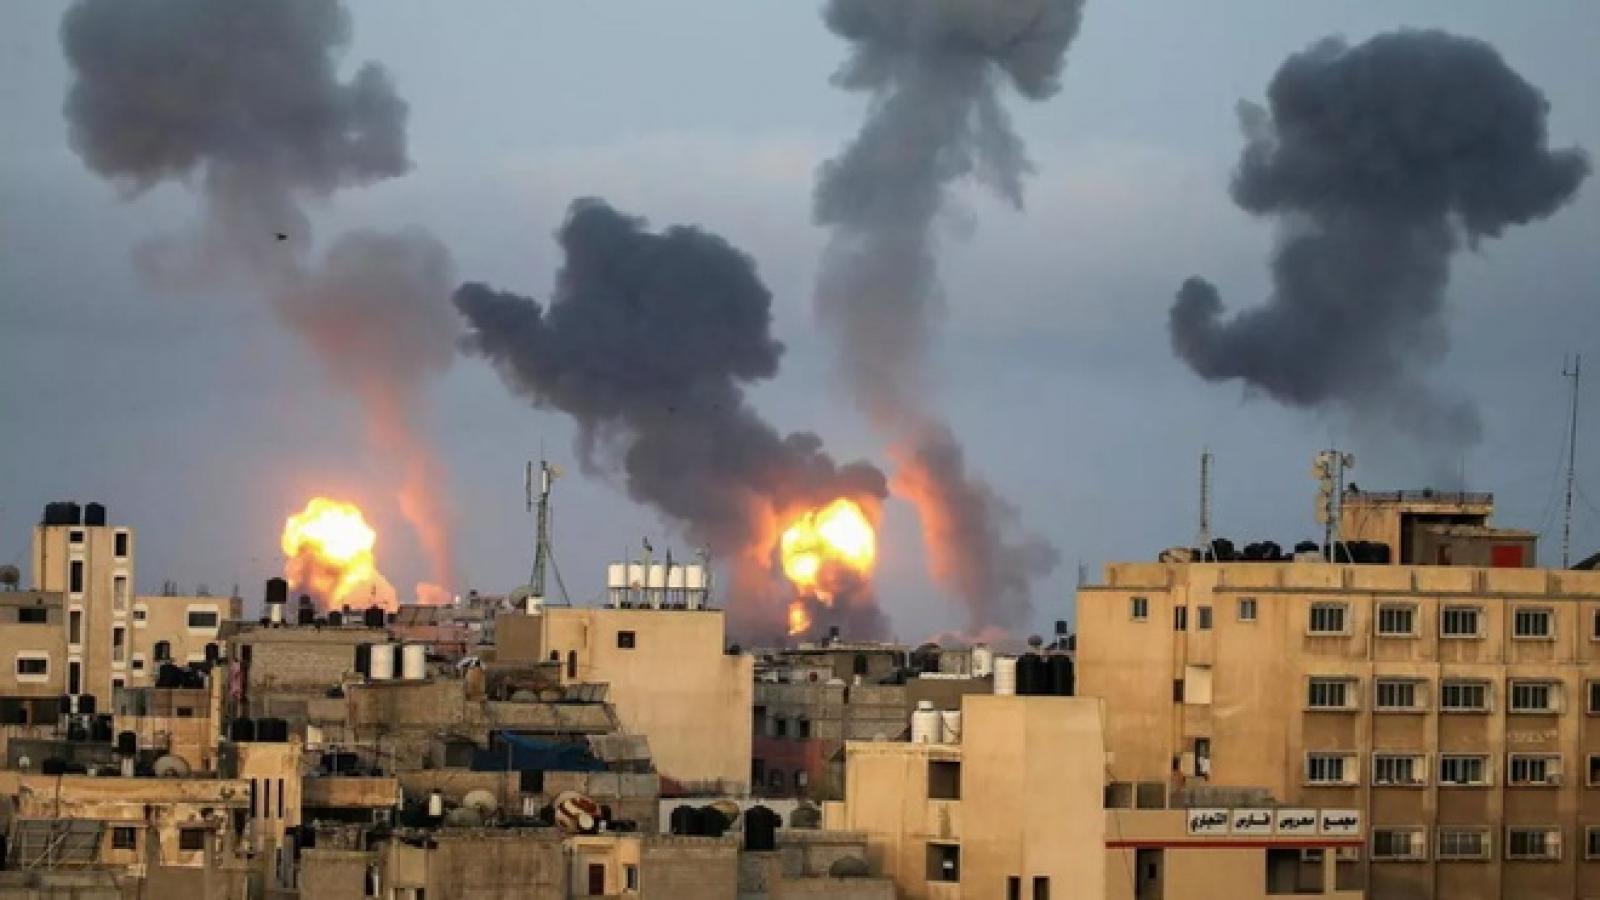 Mỹ cùng các đối tác khu vực thúc đẩy một thỏa thuận ngừng bắn giữa Israel và Hamas